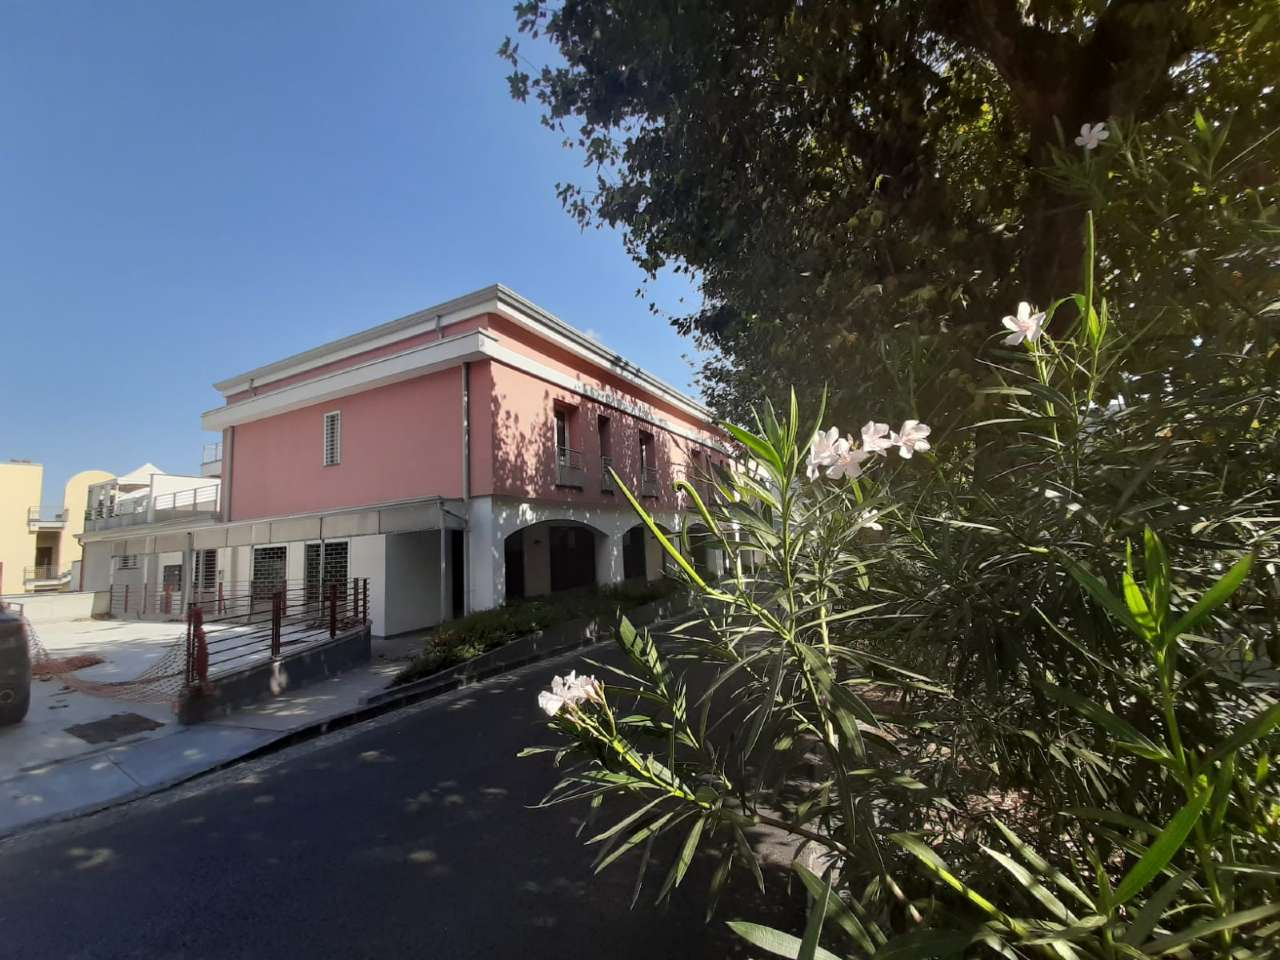 Appartamento in vendita a Cava de' Tirreni, 7 locali, Trattative riservate | PortaleAgenzieImmobiliari.it